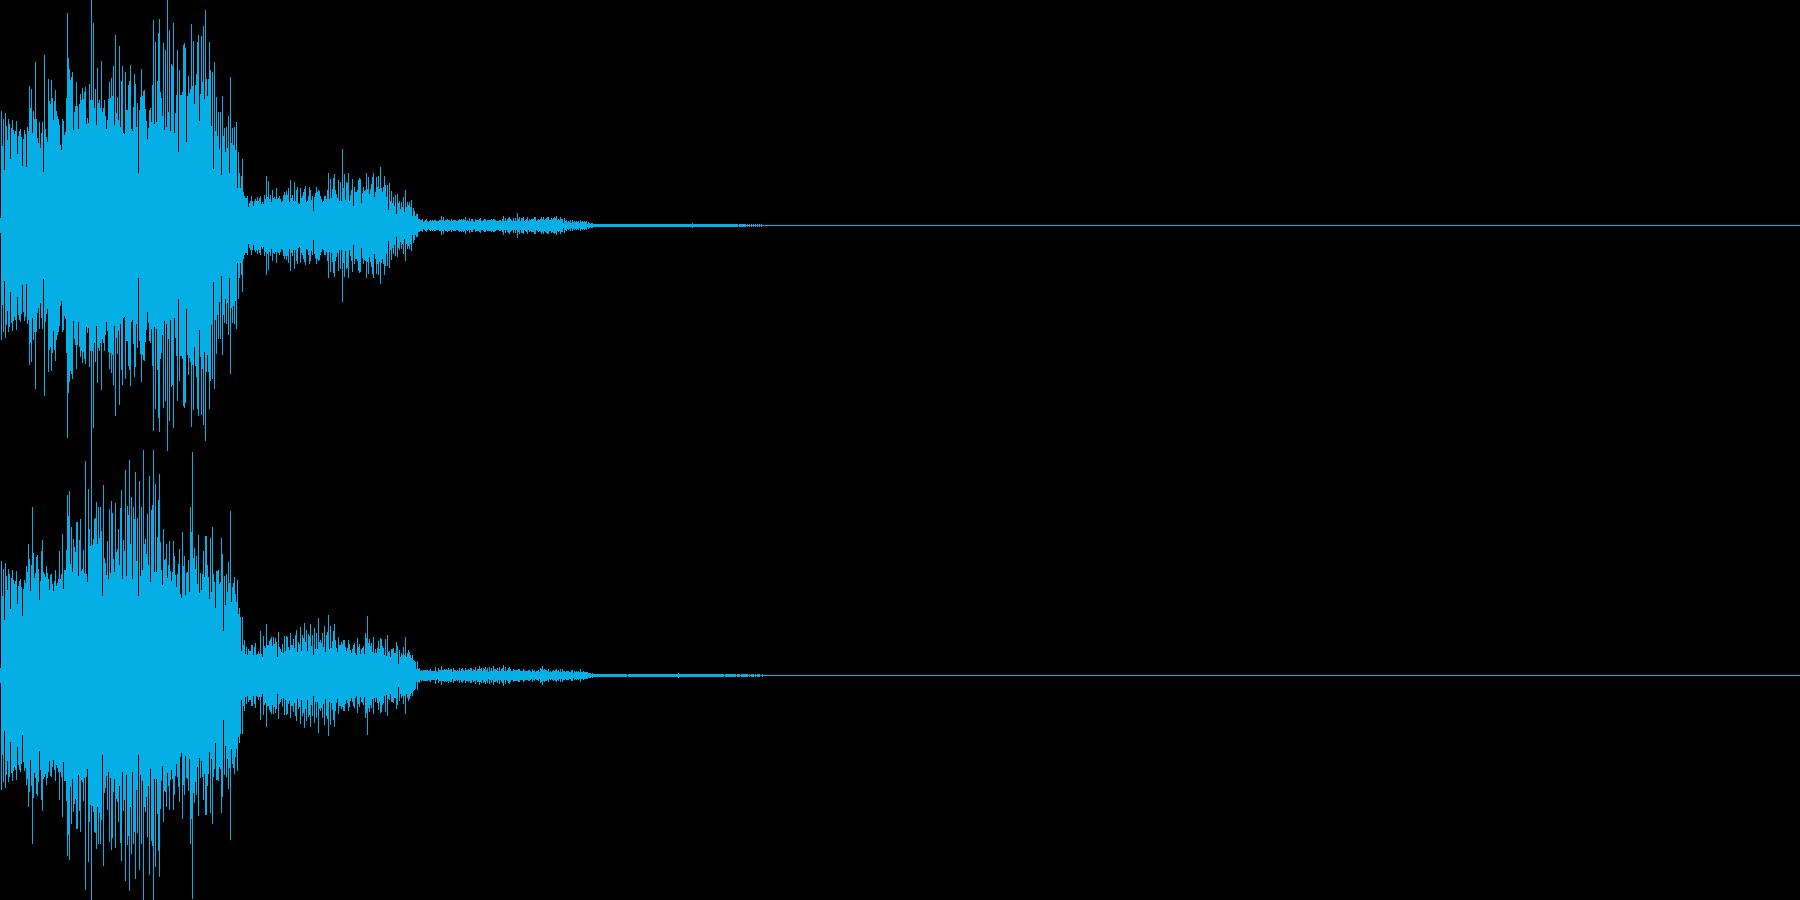 キャンセル音13(シンセ系Q)の再生済みの波形